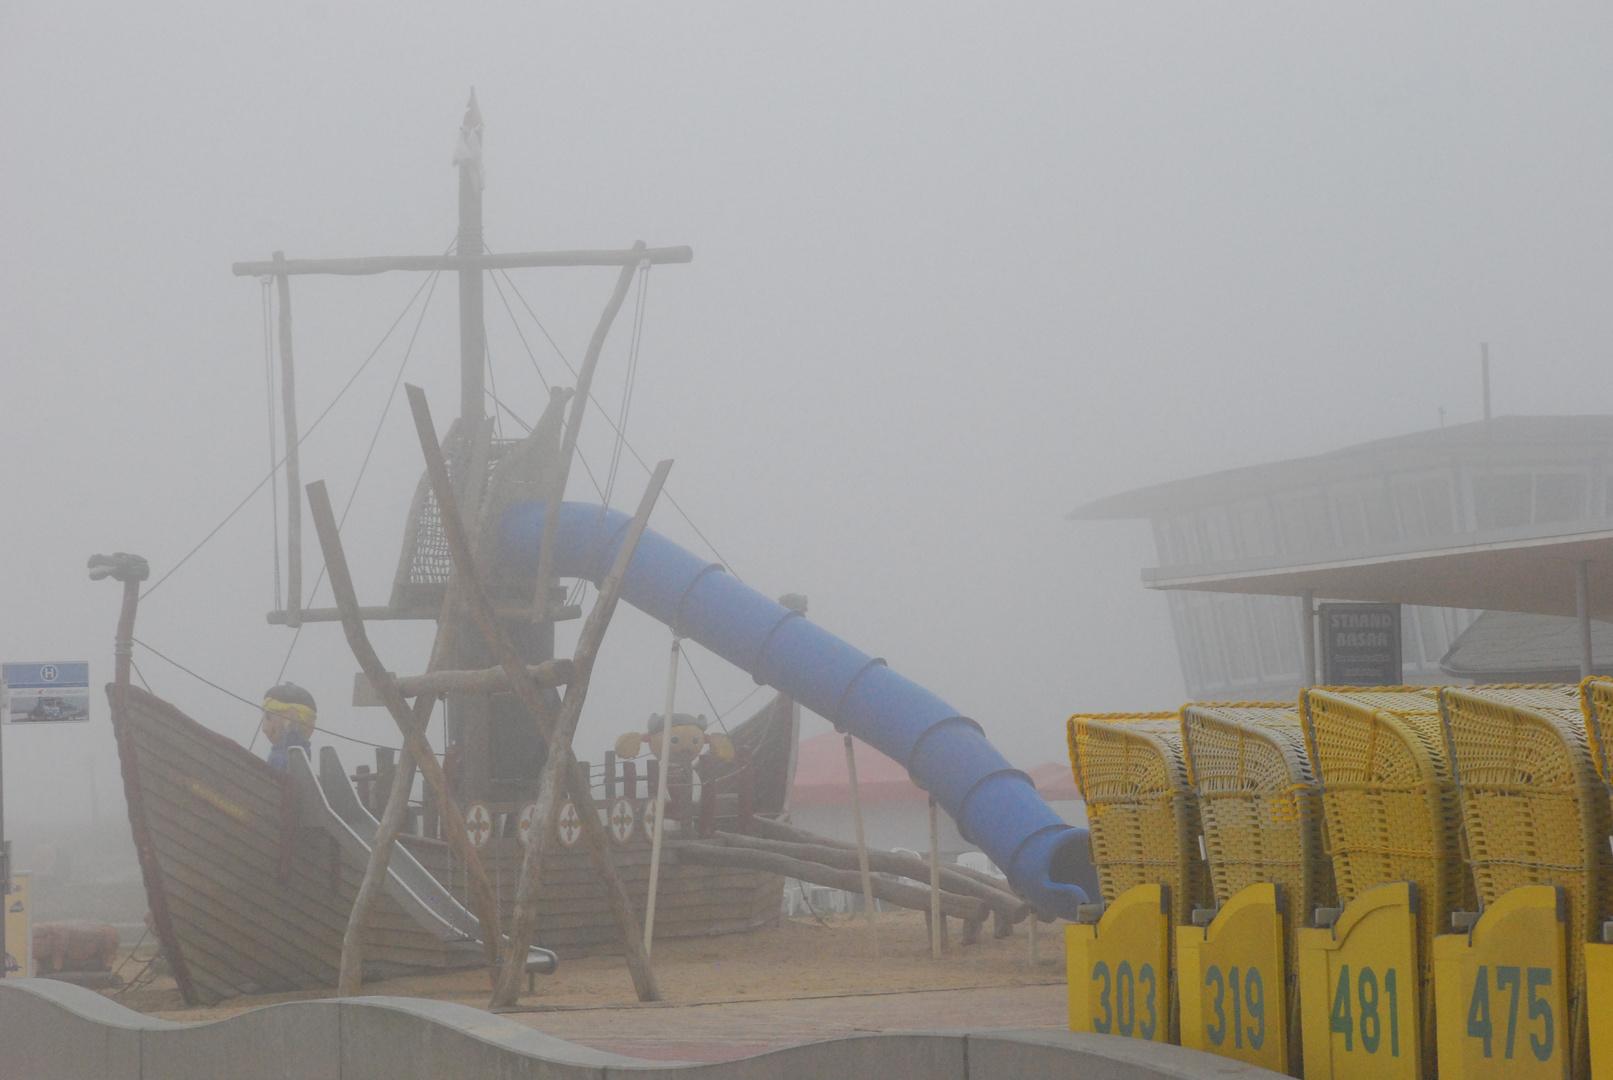 Das Geisterschiff - Nebel über Cuxhaven